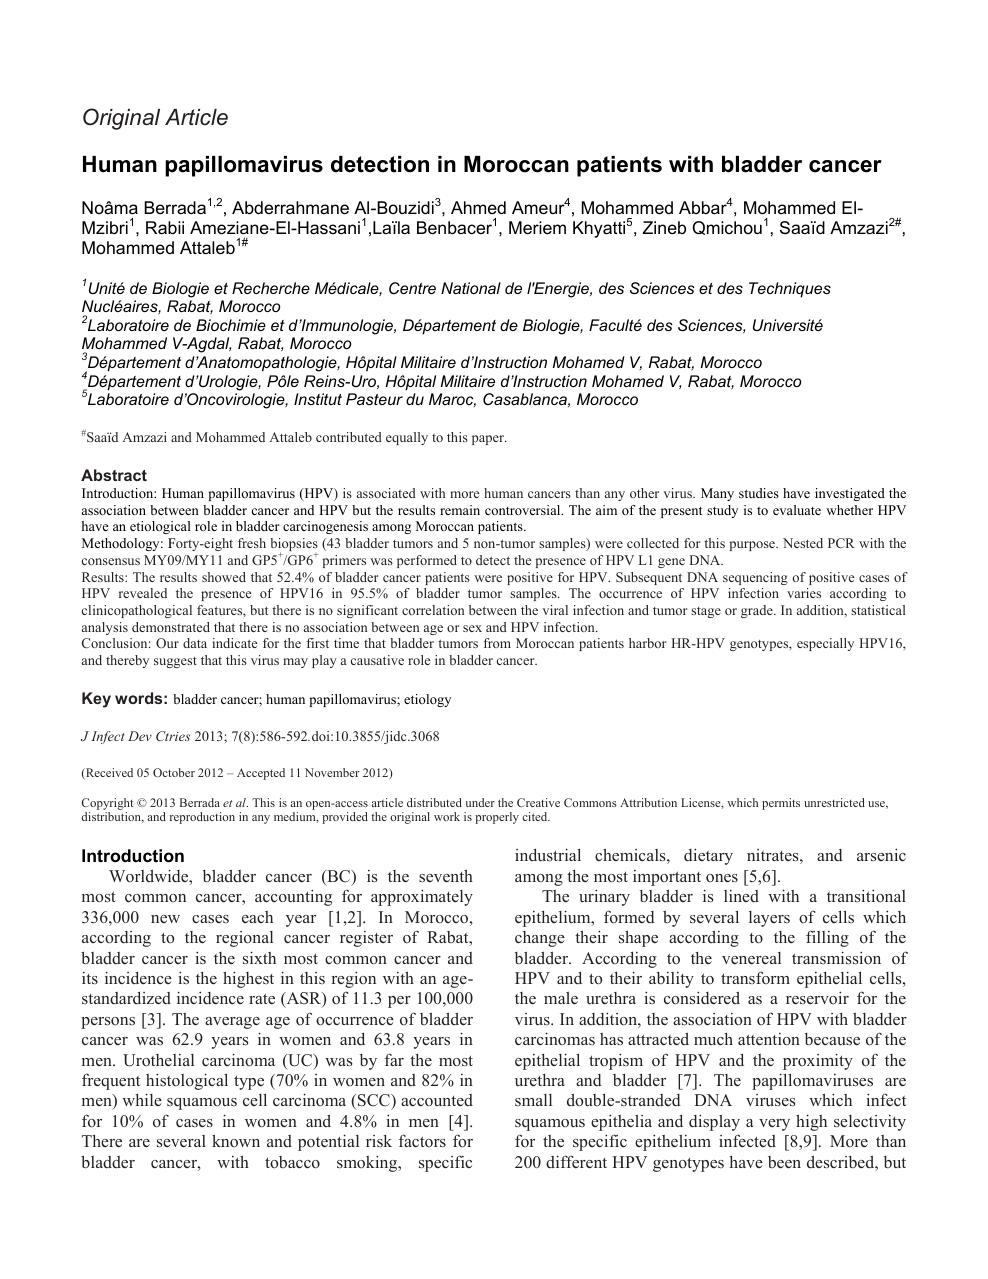 Papillomavirus femme detection, Papillomavirus detection, Risk human papillomavirus detection